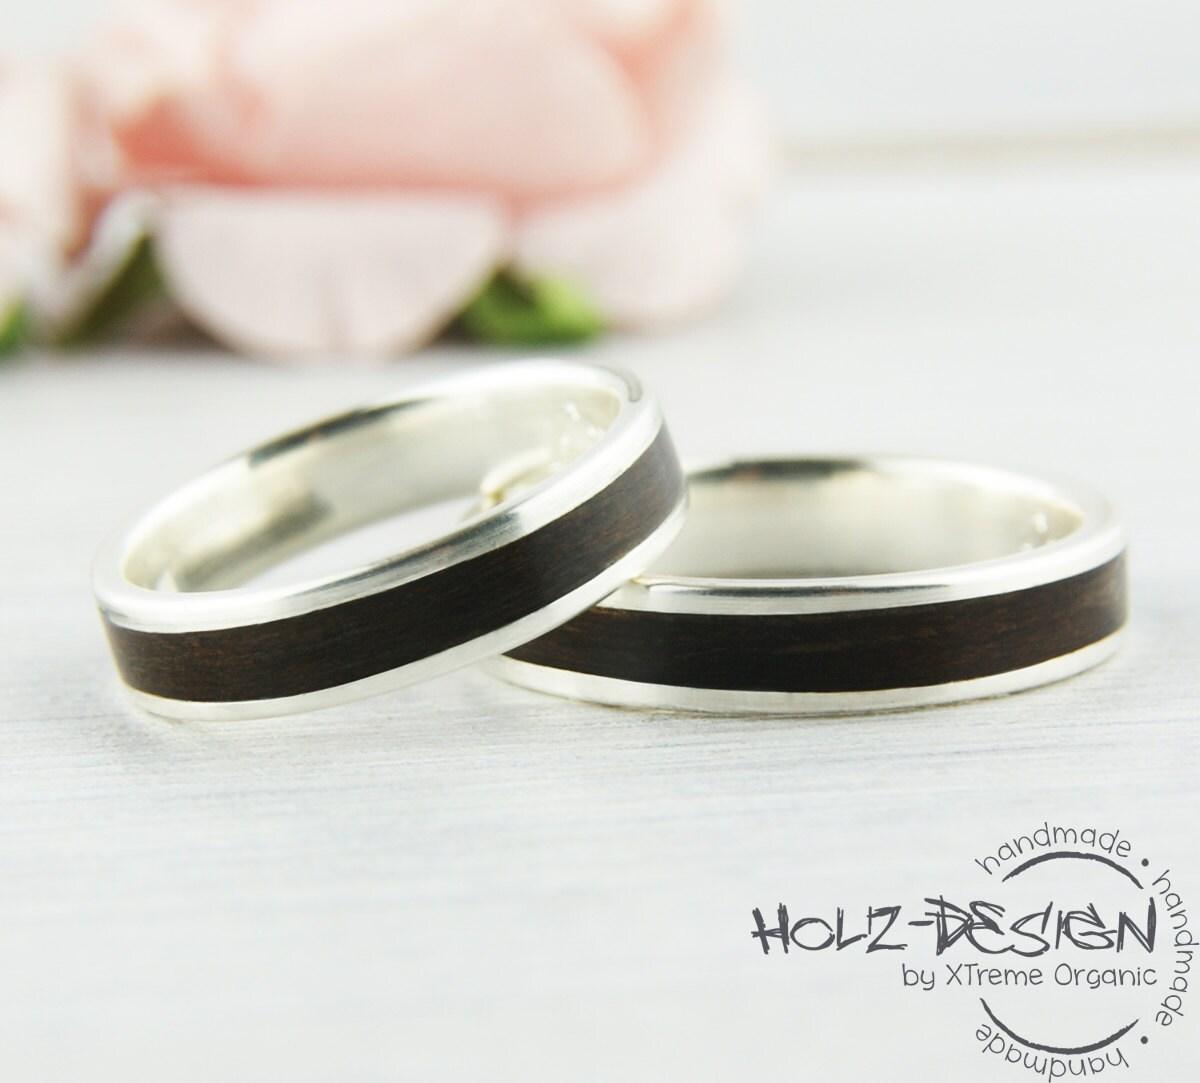 935 silber ring mit holz breit bentwood eheringe. Black Bedroom Furniture Sets. Home Design Ideas